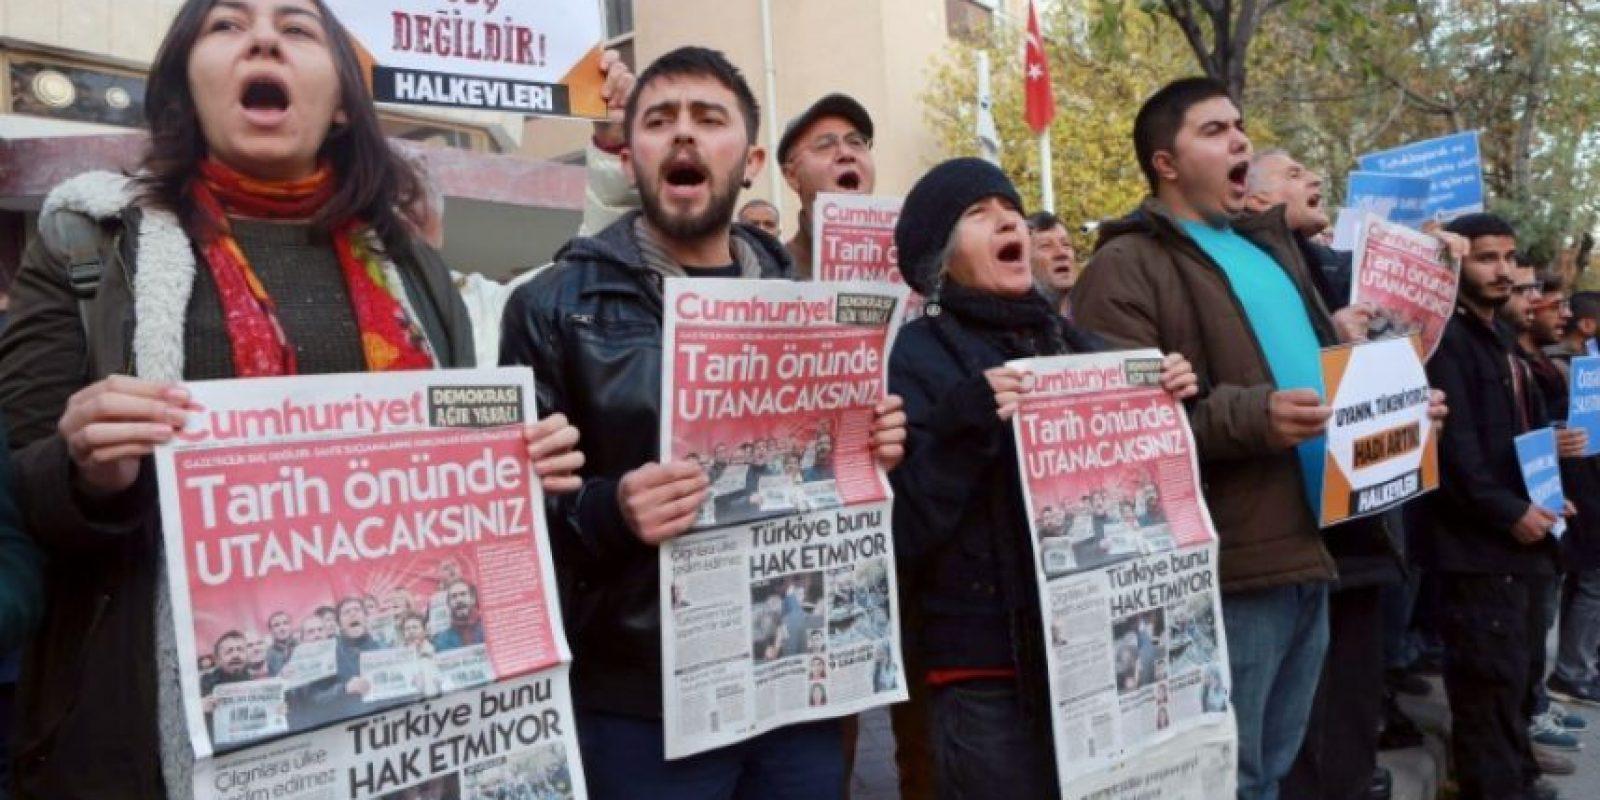 Manifestantes muestra un ejemplar de la última edición del diario opositor Cumhuriyet durante en una protesta frente a su sede por las detenciones de miembros del periódico, el 5 de noviembre de 2016 en Ankara, Turquía Foto:ADEM ALTAN/afp.com